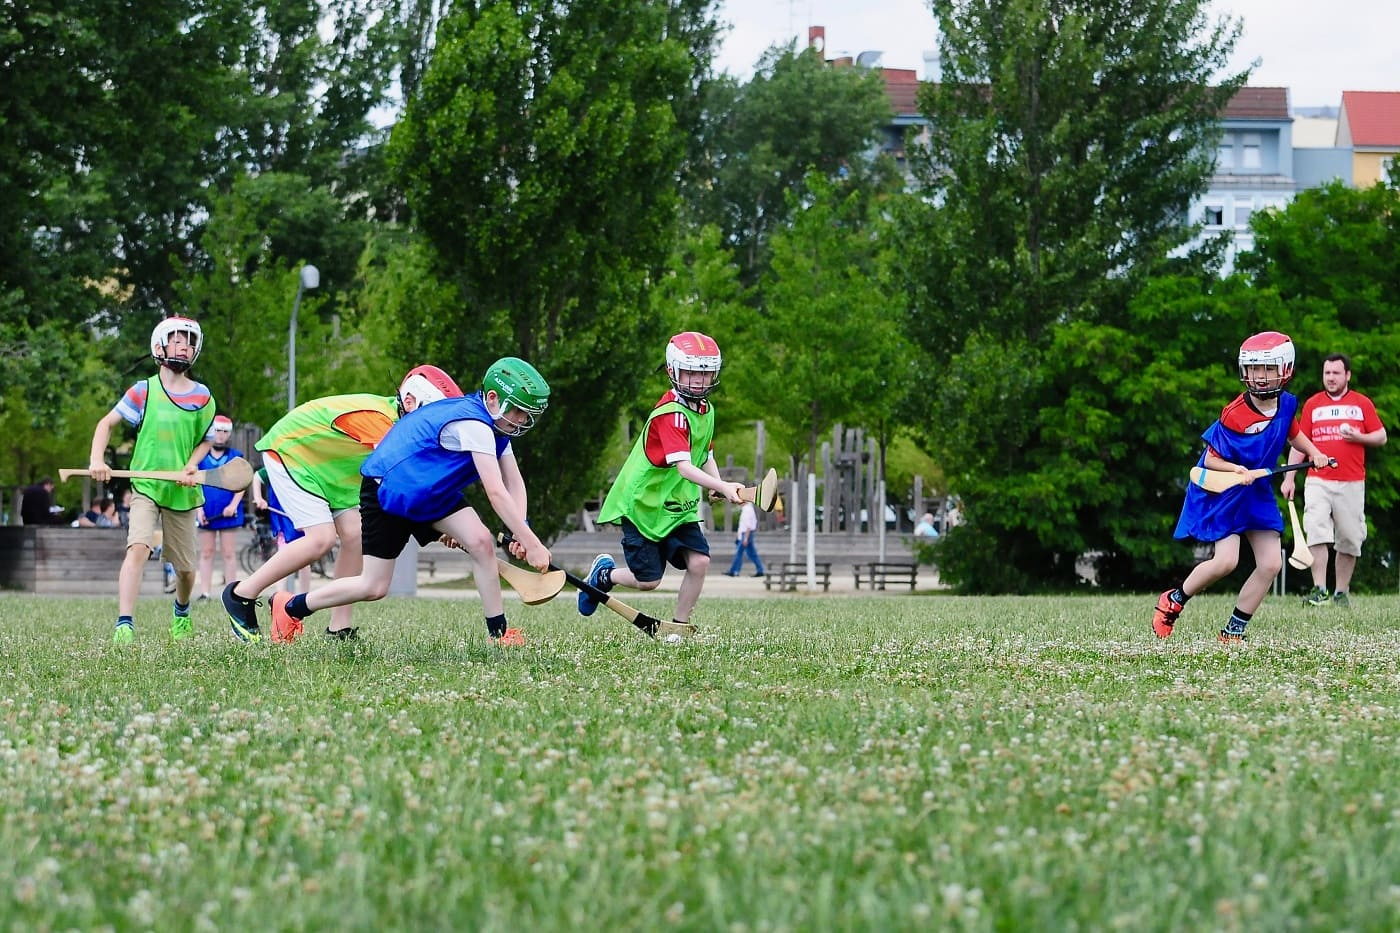 Hurling im Park: Gaelic Games in Berlin // HIMBEER